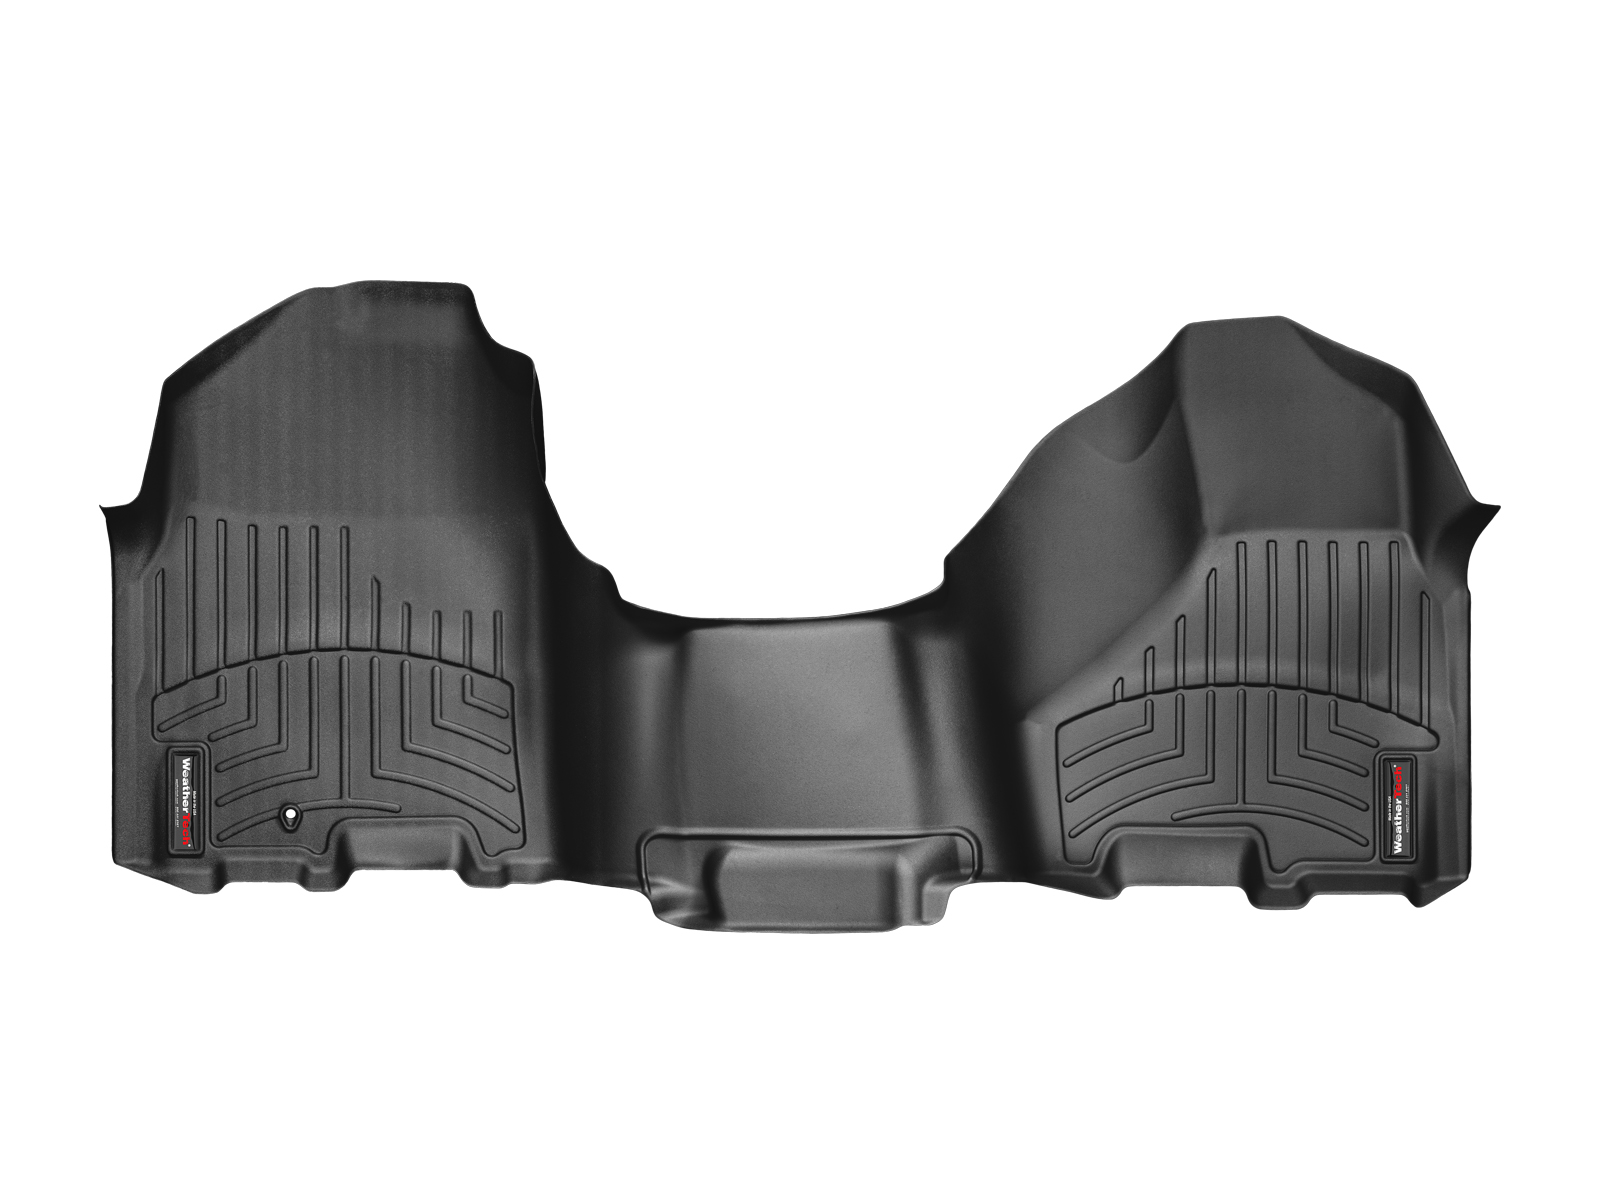 Tappeti gomma su misura bordo alto Dodge Ram Truck 2500/3500 12>12 Nero A721*